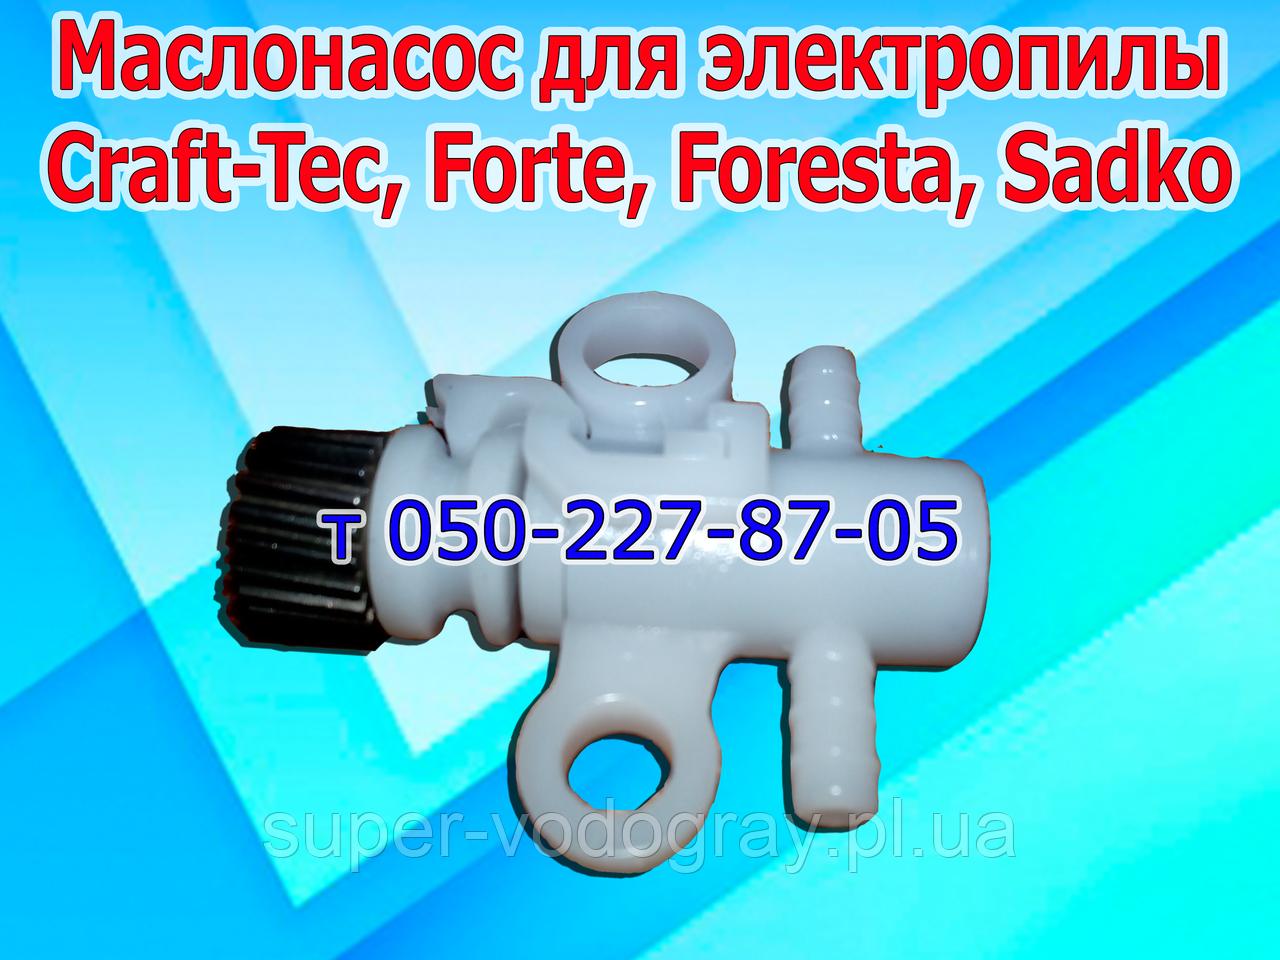 Маслонасос для электропилы Craft-Tec, Forte, Foresta, Sadko